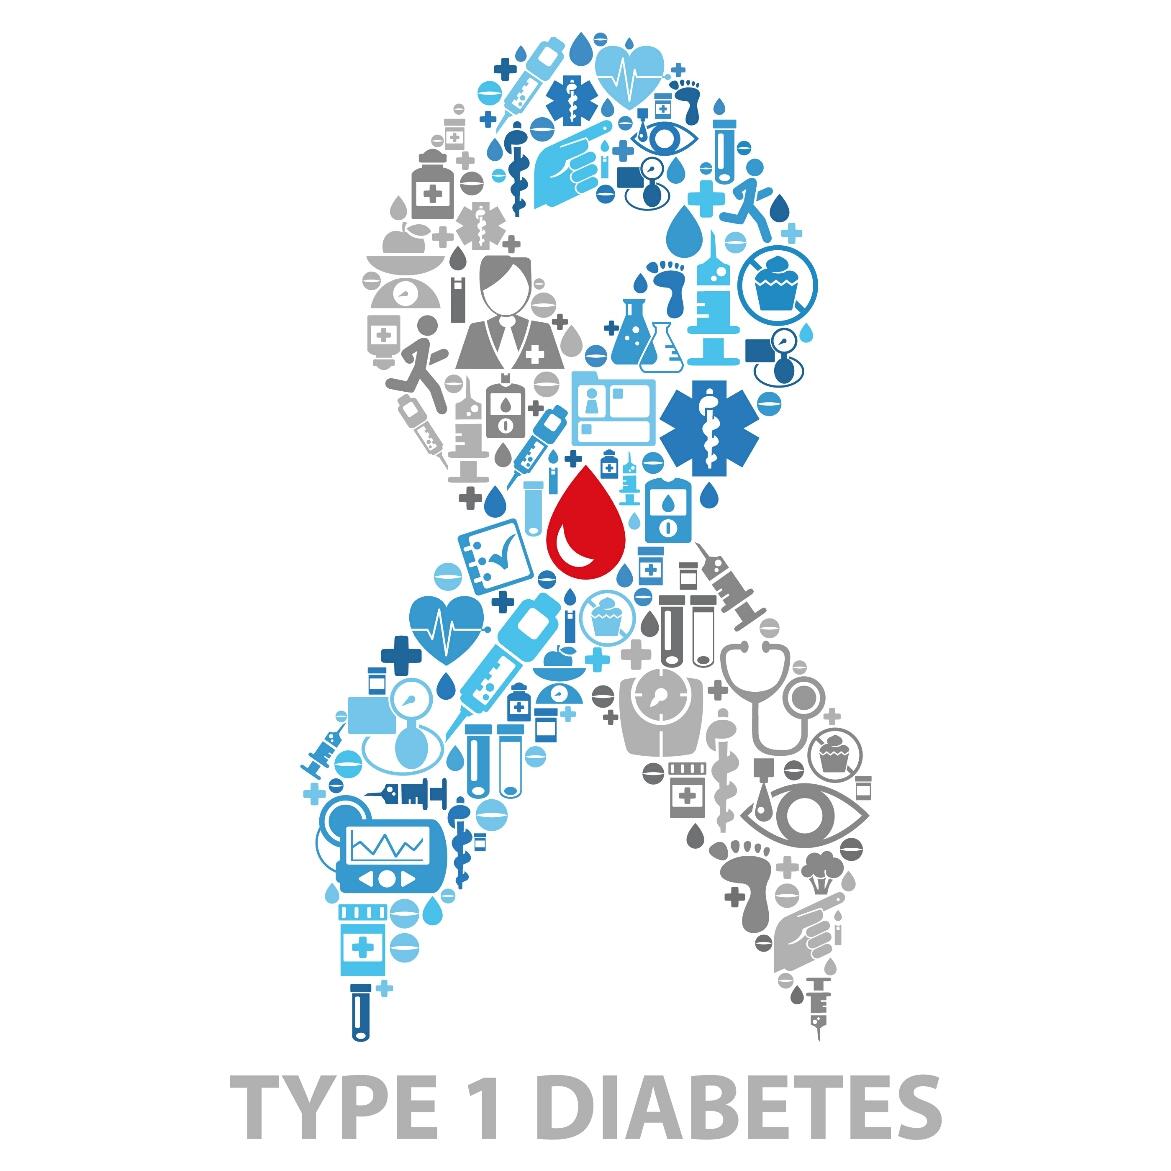 پانکراس مصنوعی می تواند تا 2018 به بیماران دیابت نوع 1 برسد